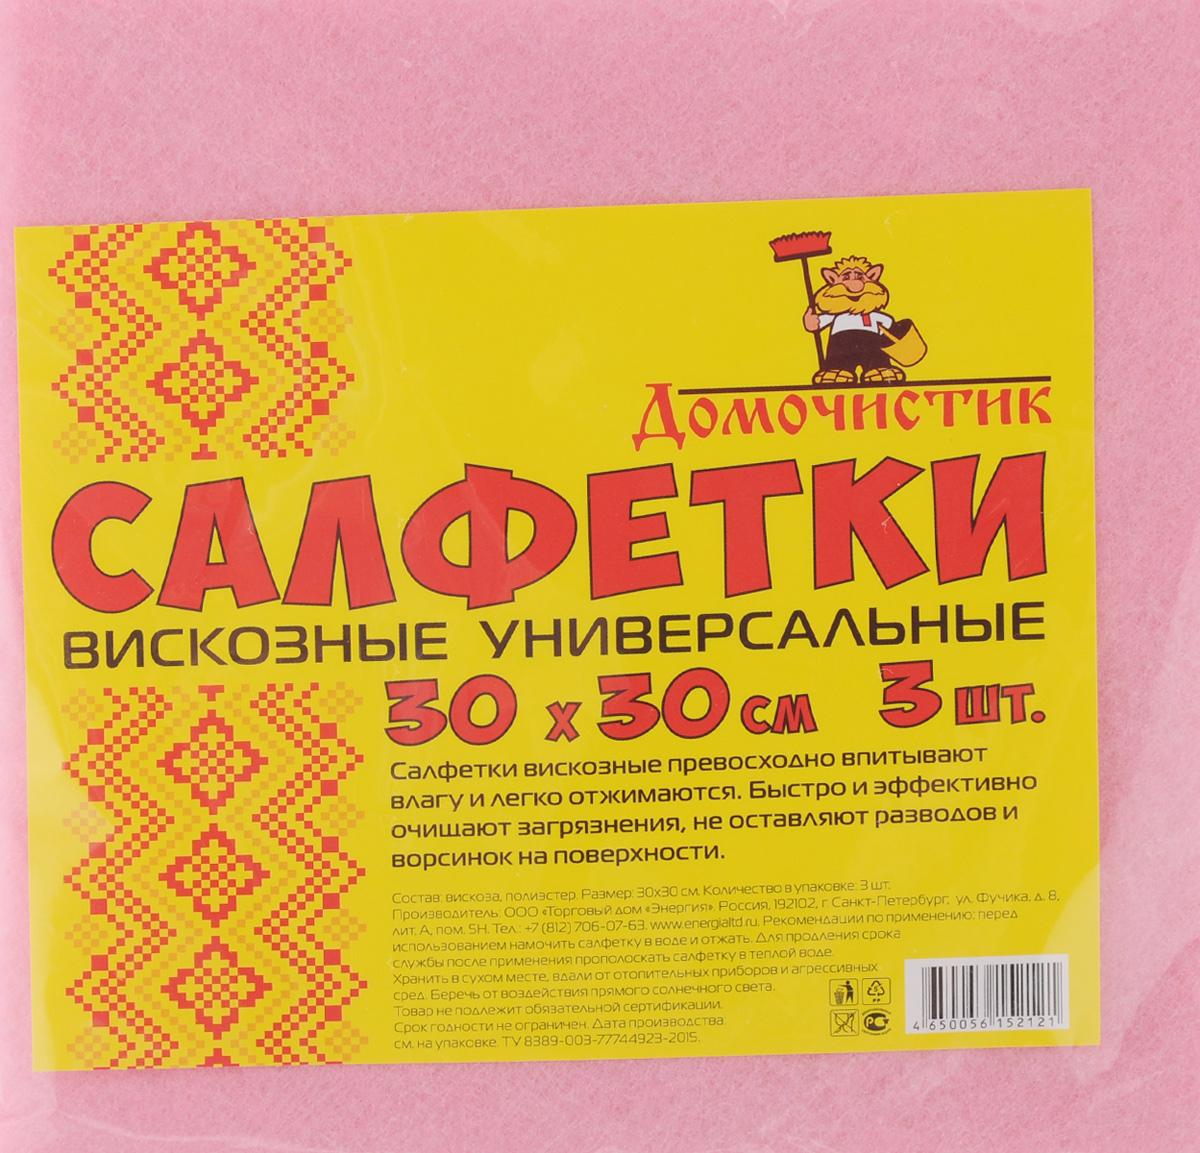 салфетки для уборки valiant салфетка для уборки 30 30 см оранжевая шт Салфетка для уборки Домочистик, универсальная, цвет в ассортименте, 30 x 30 см, 3 шт